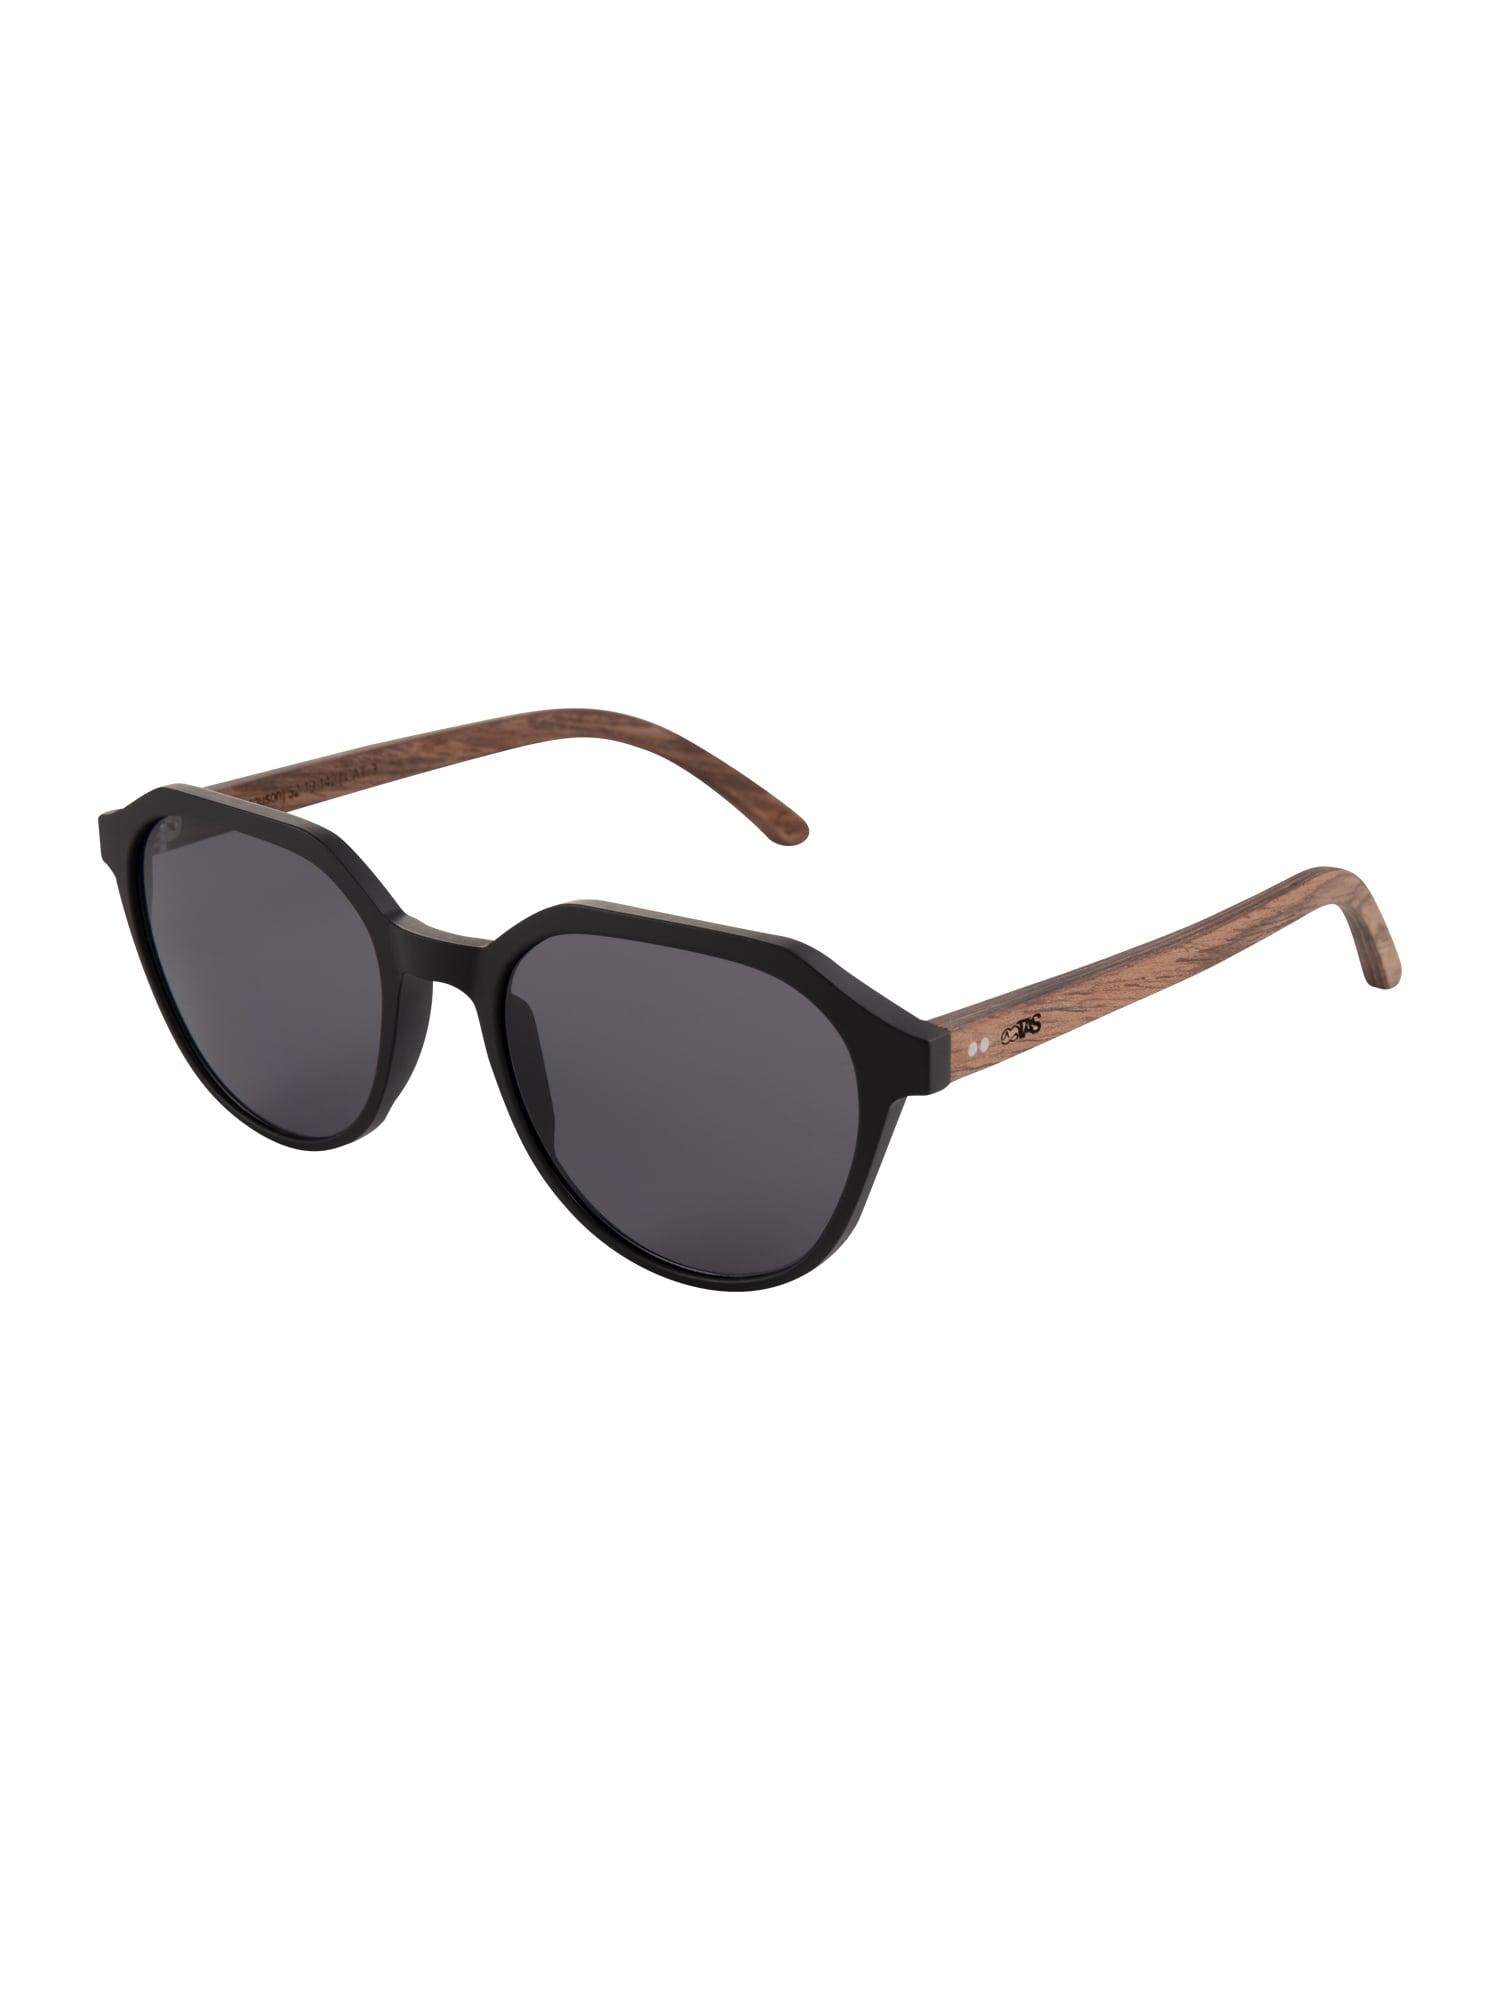 Sluneční brýle Verne Collection hnědá černá TAKE A SHOT